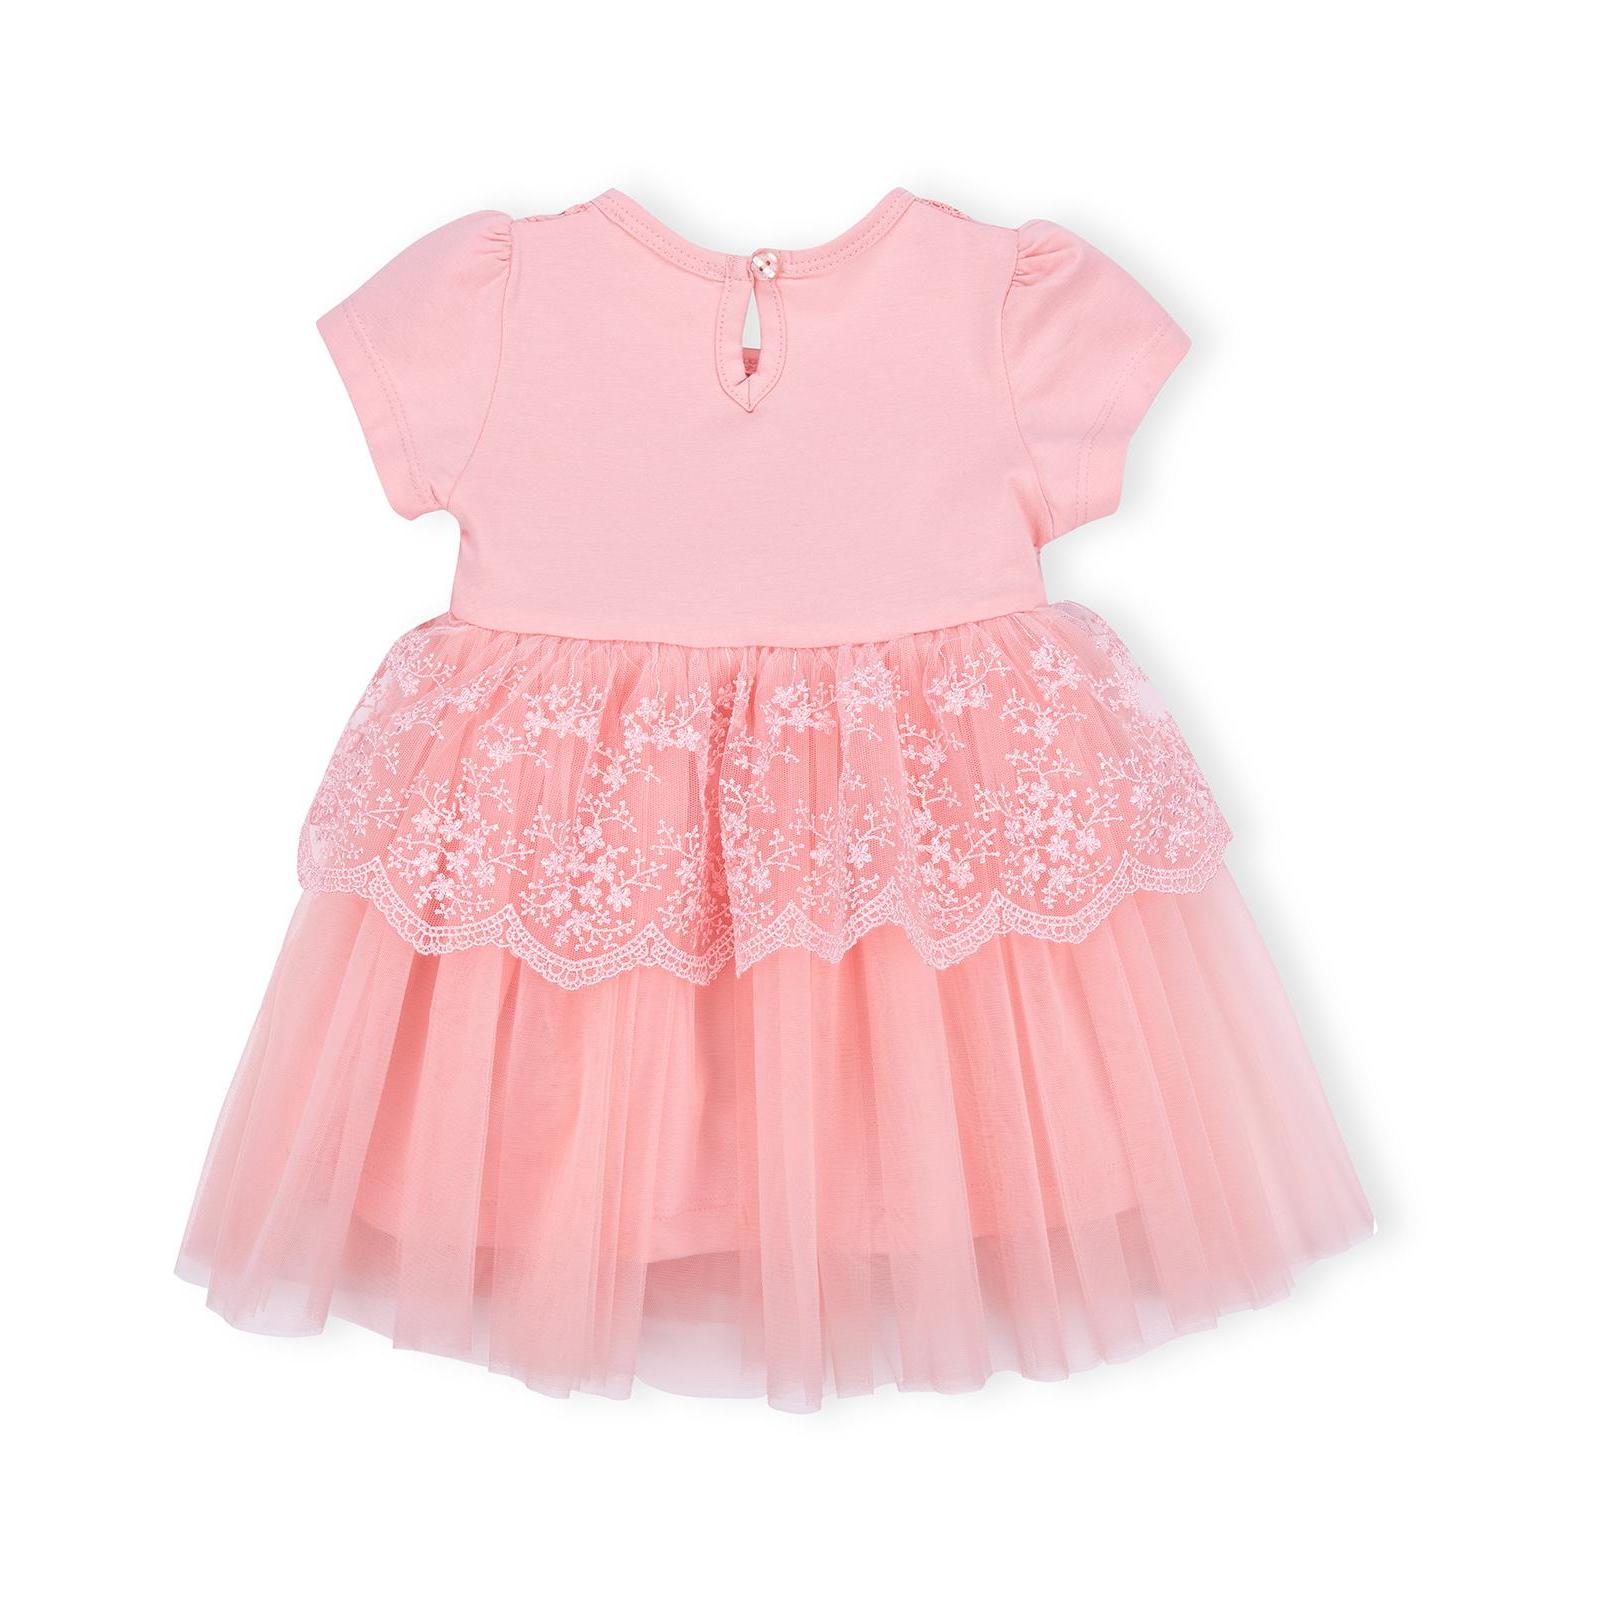 Платье Breeze кружевное с оборками (9011-80G-peach) изображение 2